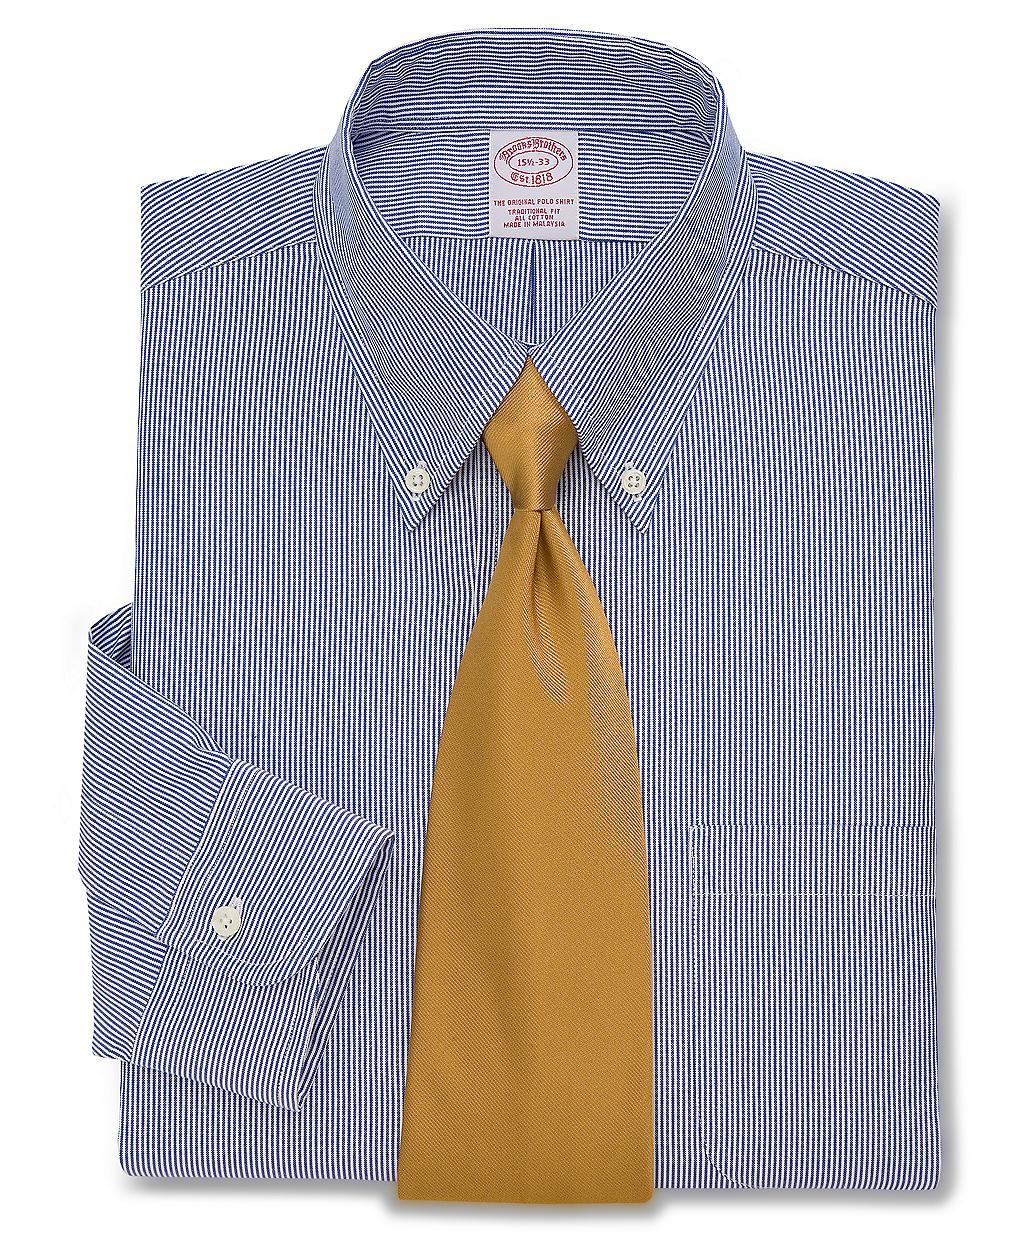 Brooks brothers regent fit stripe dress shirt in blue for for Brooks brothers dress shirt fit guide